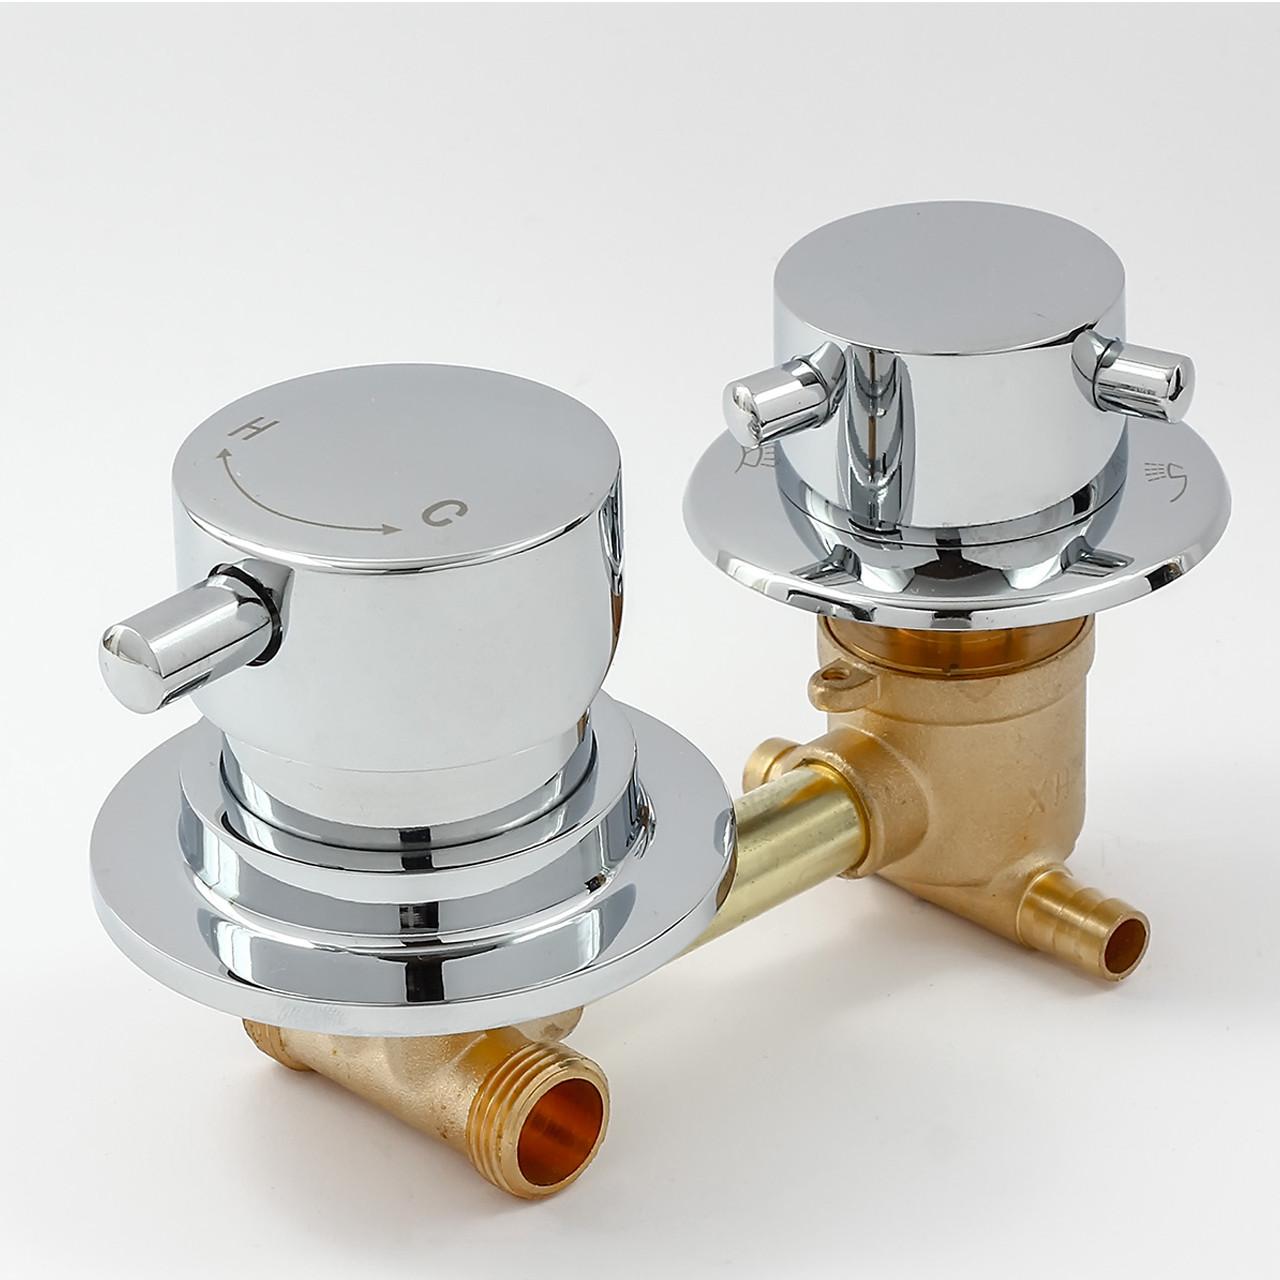 Змішувач для гідробоксу, душової кабіни S2-100 на 2 положення.